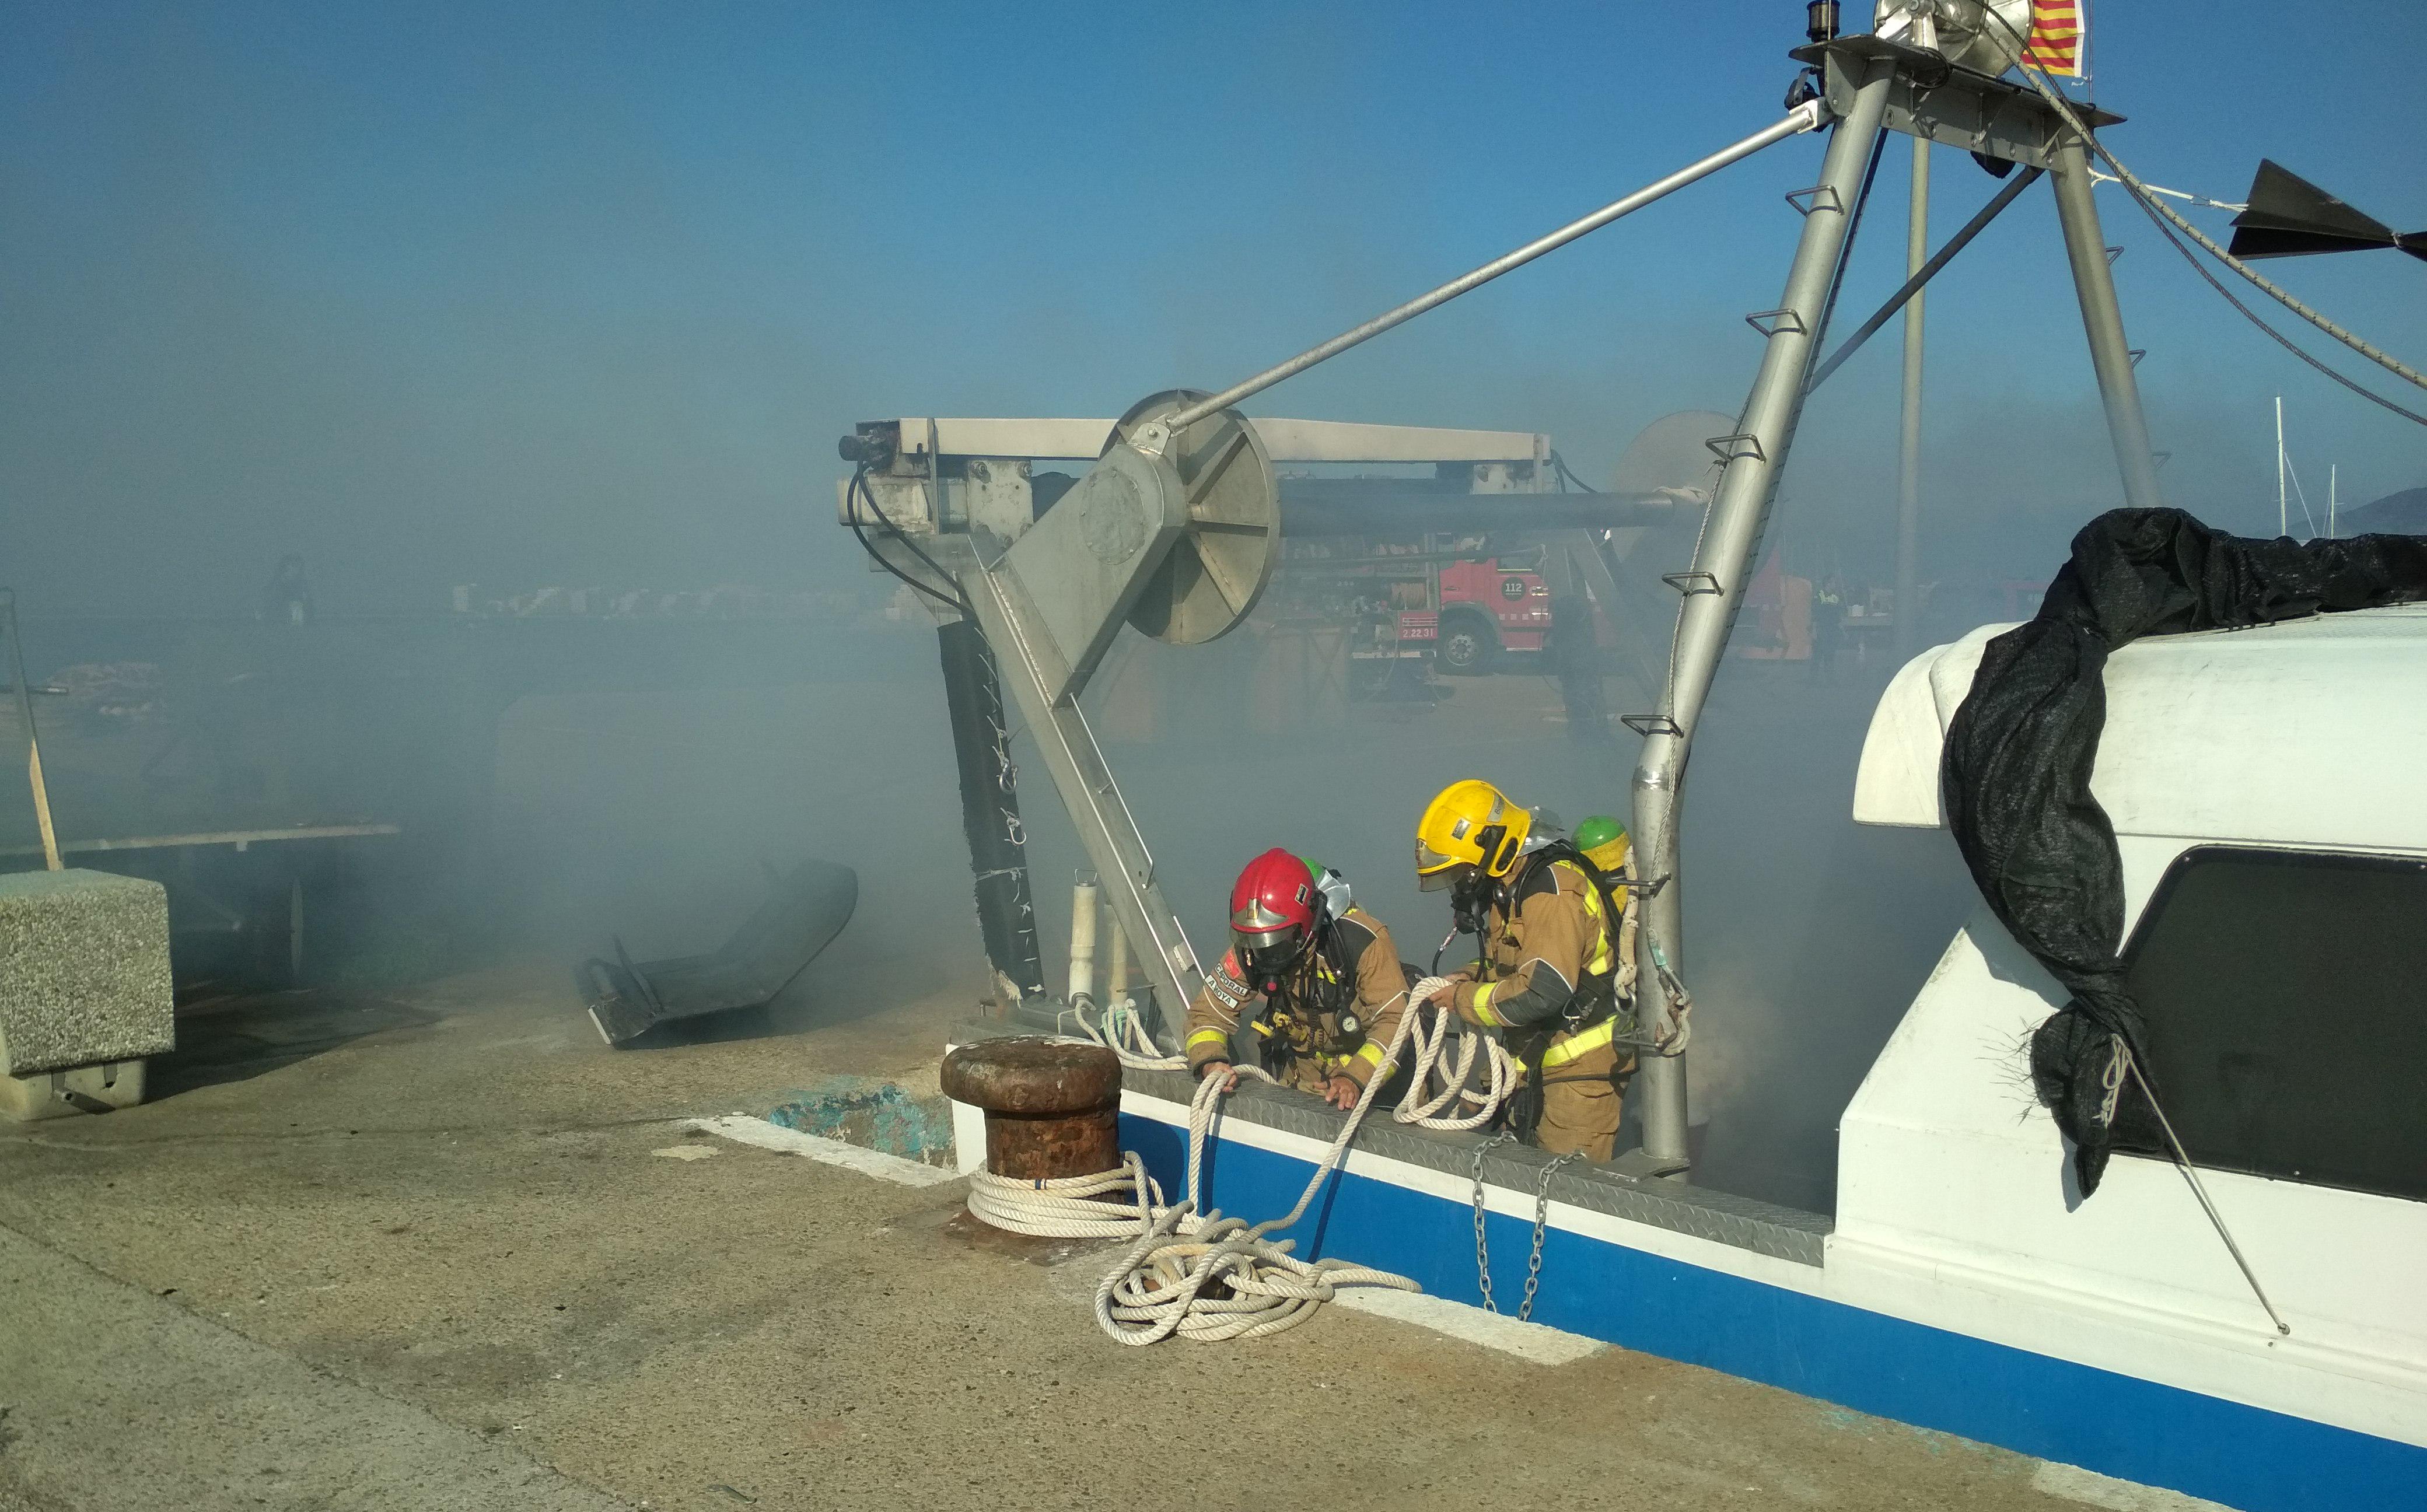 Simulacre d'incendi en una embarcació al port pesquer